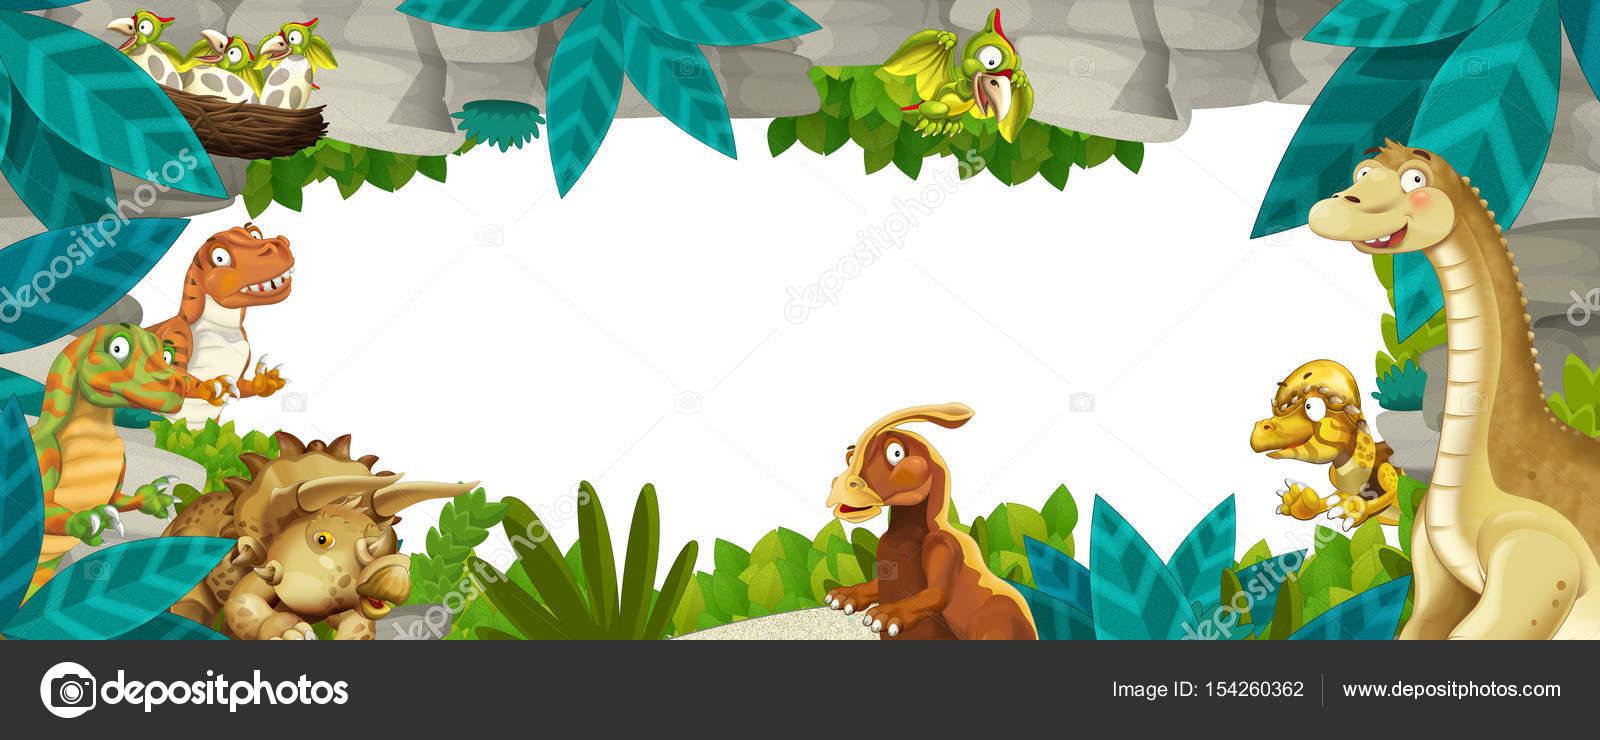 Marco de naturaleza prehistórica de dibujos animados con los ...